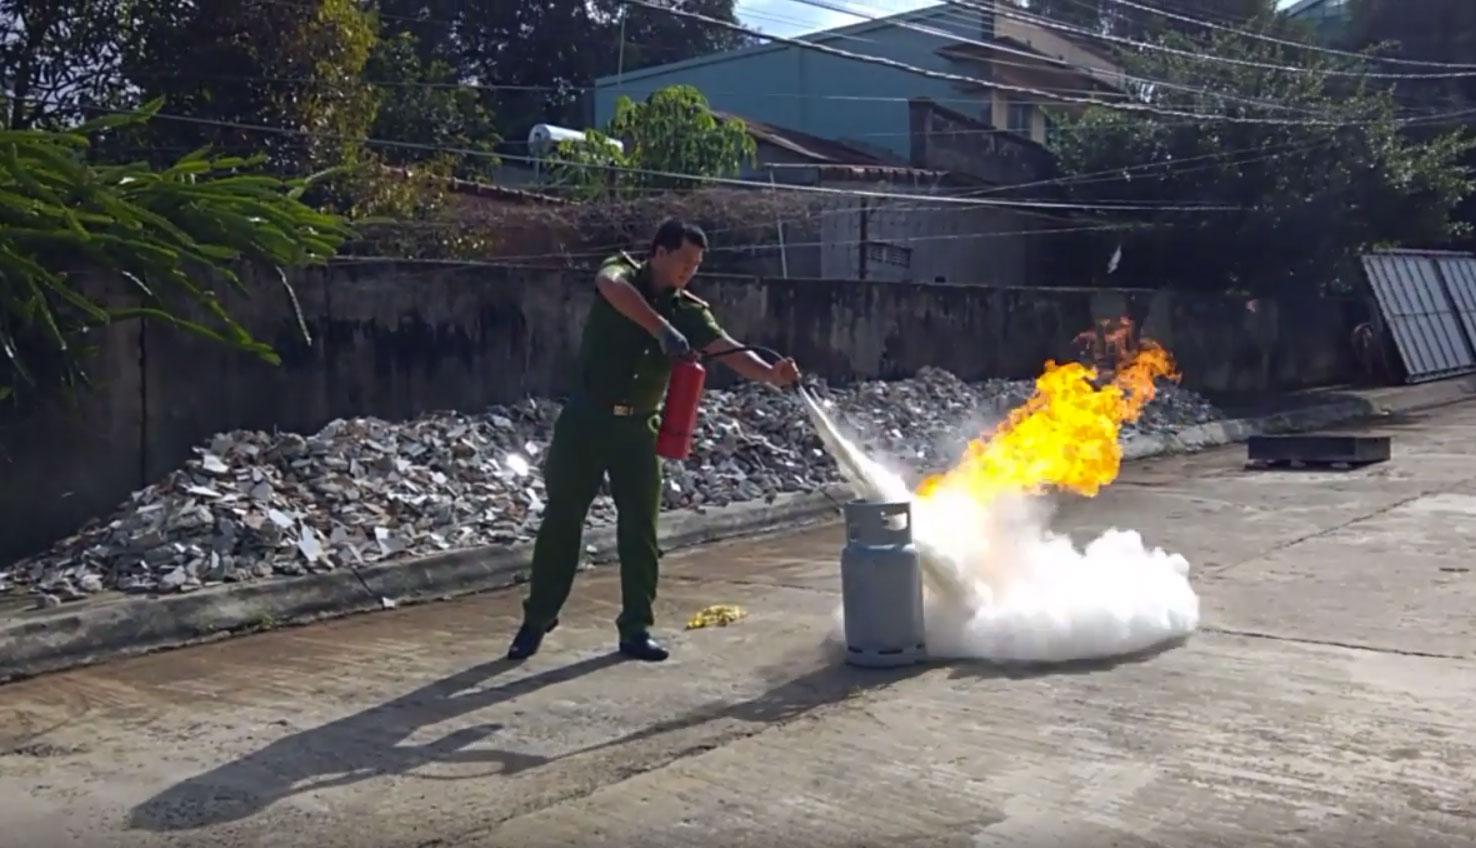 Ngọn lửa cháy do bình gas có nên xịt bình chữa cháy không?